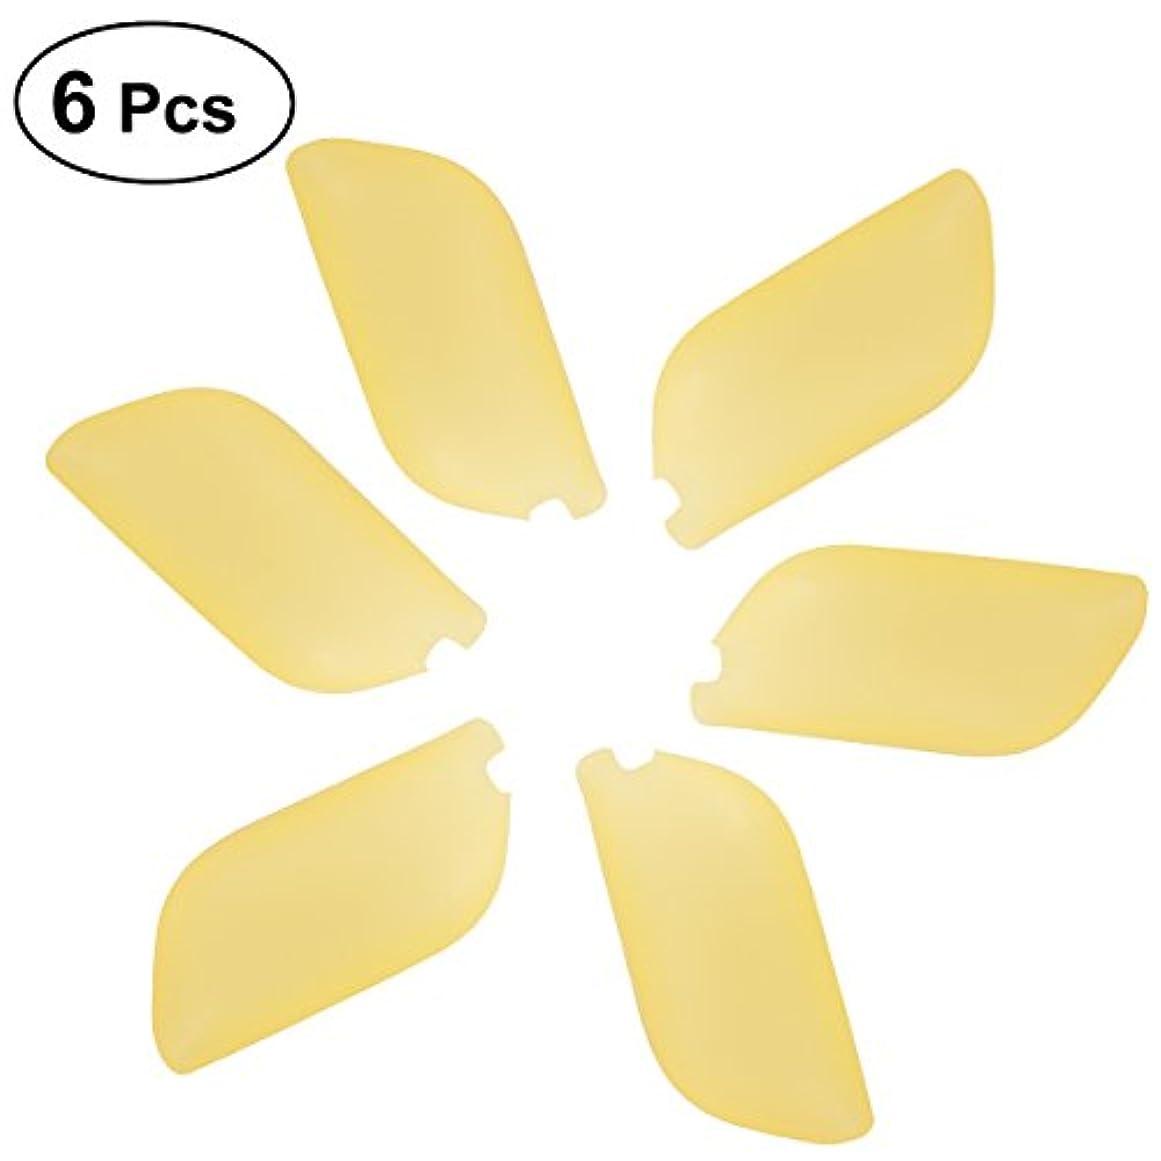 予感順応性のある差別するHEALLILYシリコン歯ブラシヘッドカバーホルダー歯ブラシ保護カバー保護ケース用歯ブラシ6本